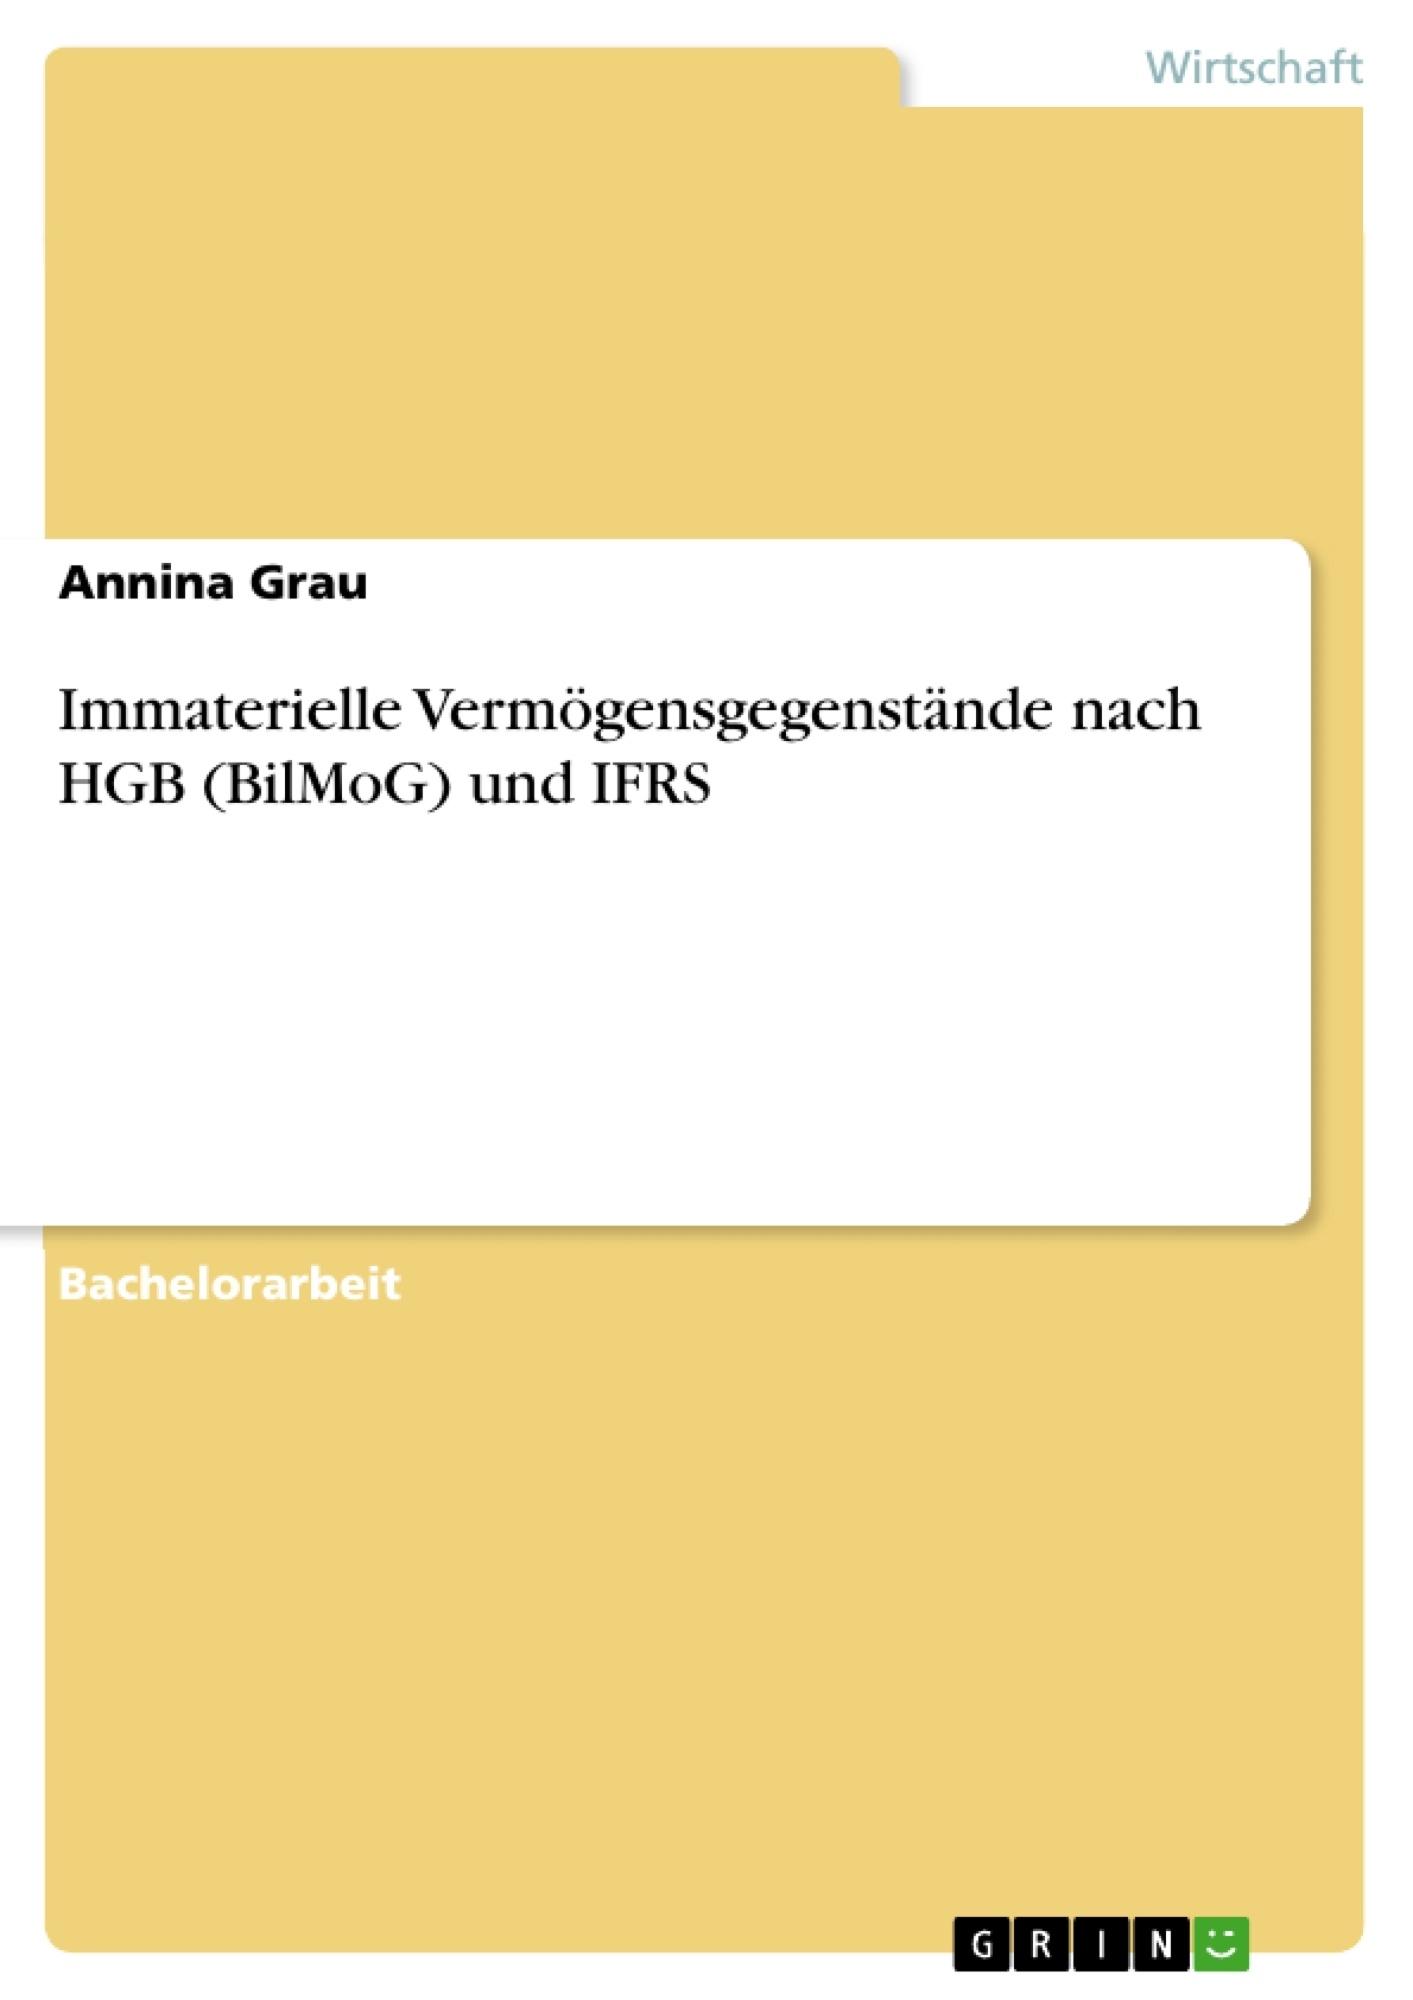 Titel: Immaterielle Vermögensgegenstände nach HGB (BilMoG) und IFRS